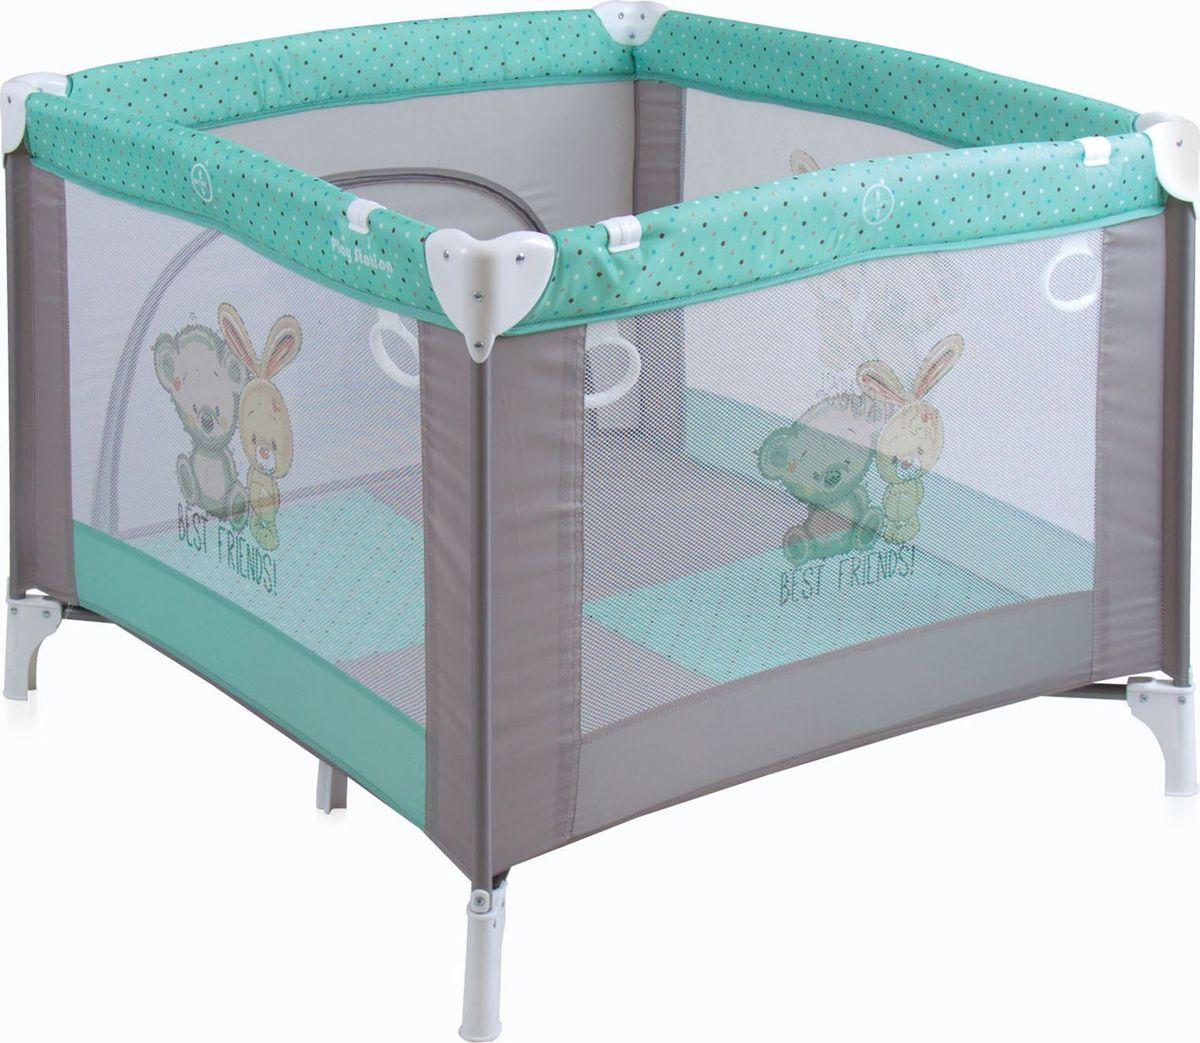 Lorelli Манеж Play Station цвет серый зеленый3800151904694Детский манеж Bertoni Play Station выполнен в современном стиле, компактен в сложенном виде. Отсутствуют острые углы, ткань приятная на ощупь.Особенности:Квадратный просторный манежТравмобезопасная конструкция Центральная ножка для обеспечения безопасностиЛегко складывается в компактную, удобную для переноски сумку Яркие, прочные, легкомоющиеся тканевые части Специальные кольца на боковинках для помощи малышу научиться вставатьСетчатые вставки в боковинах для лучшей вентиляции и обзораОтстегивающийся боковой лаз, чтобы малыш мог сам забираться в манеж и выбираться из негоРазмеры: 90х100x75 см.Характеристики